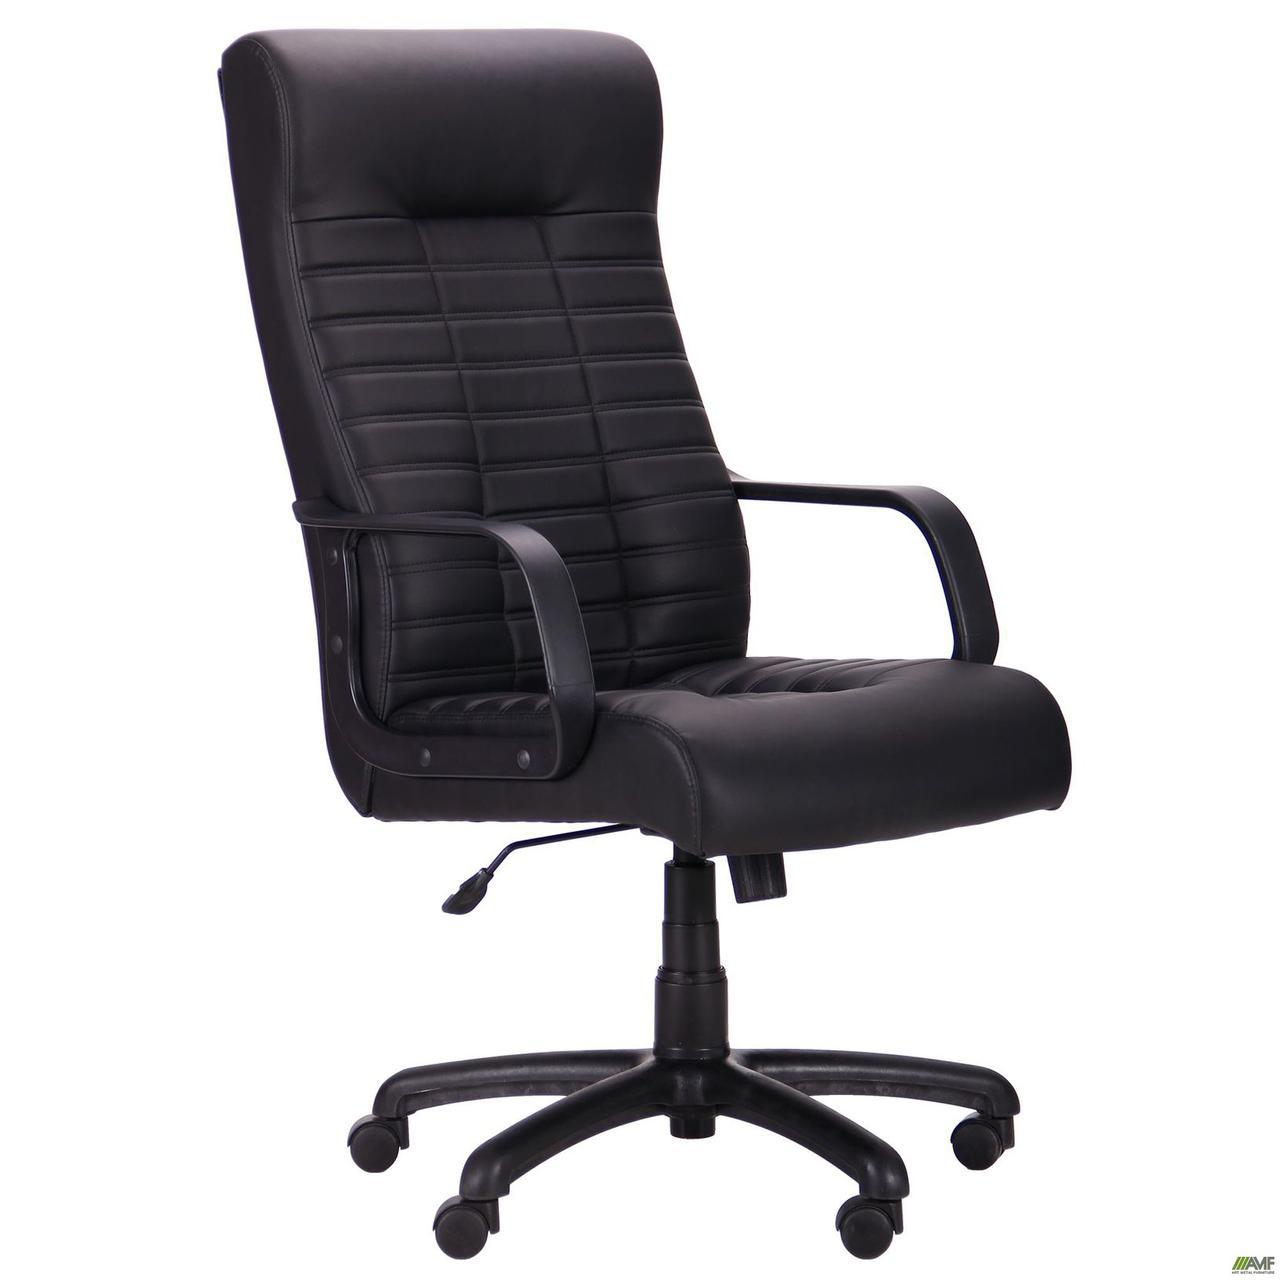 Комп'ютерне крісло керівника AMF Атлетик Пластик-Му чорне висока